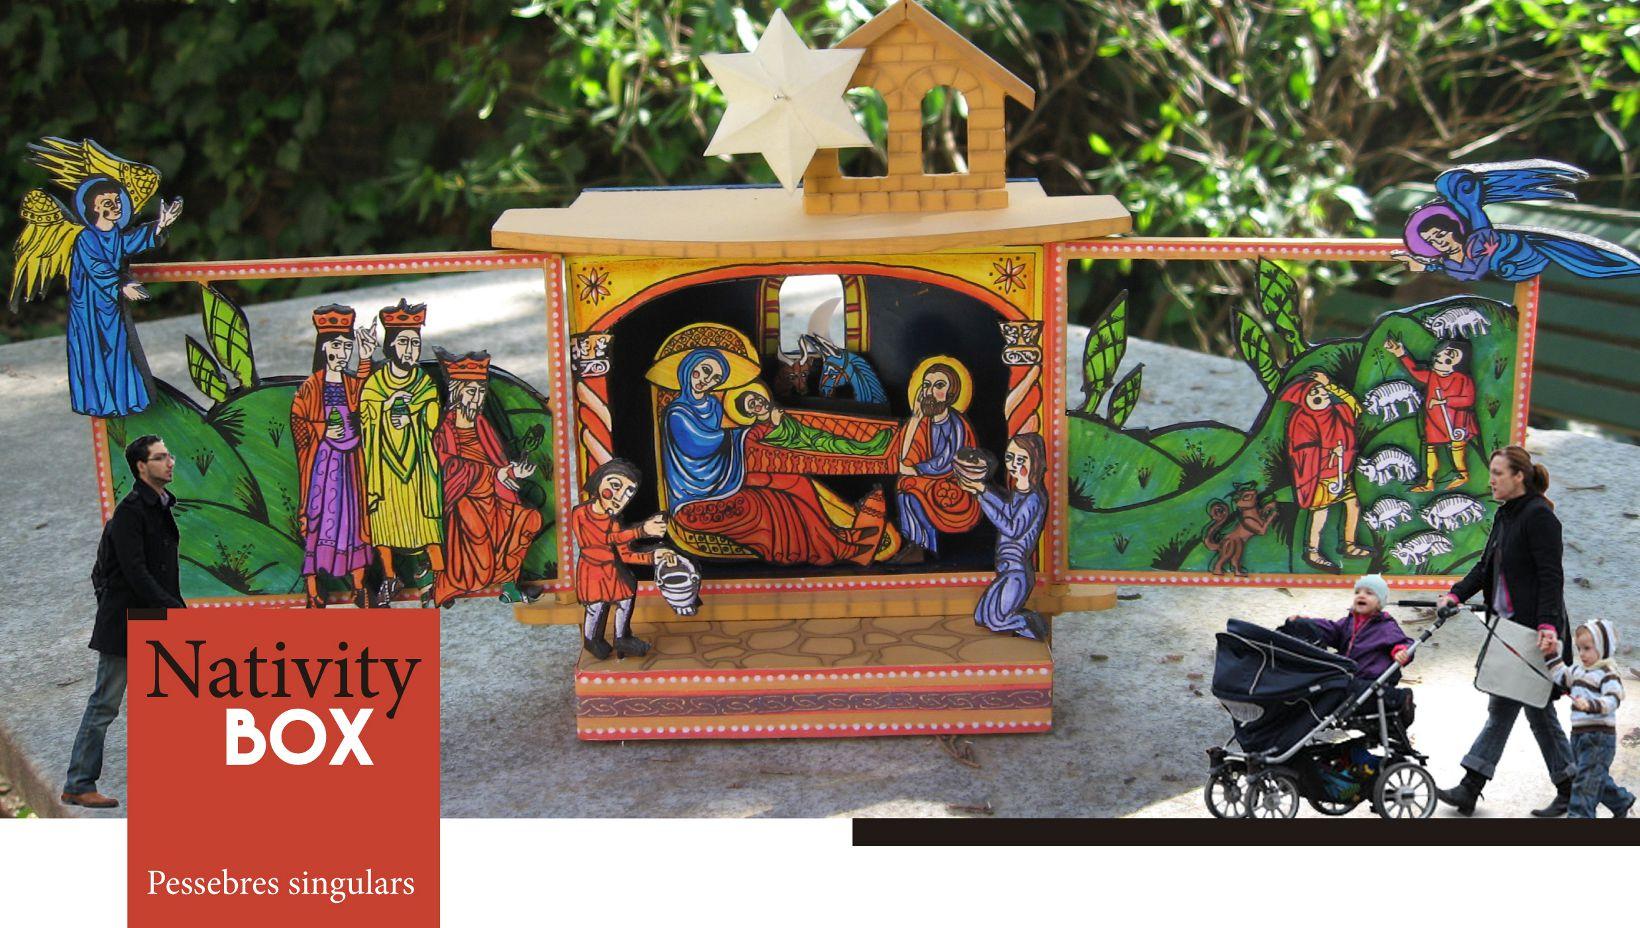 Lloguer de pessebres Nativity Box